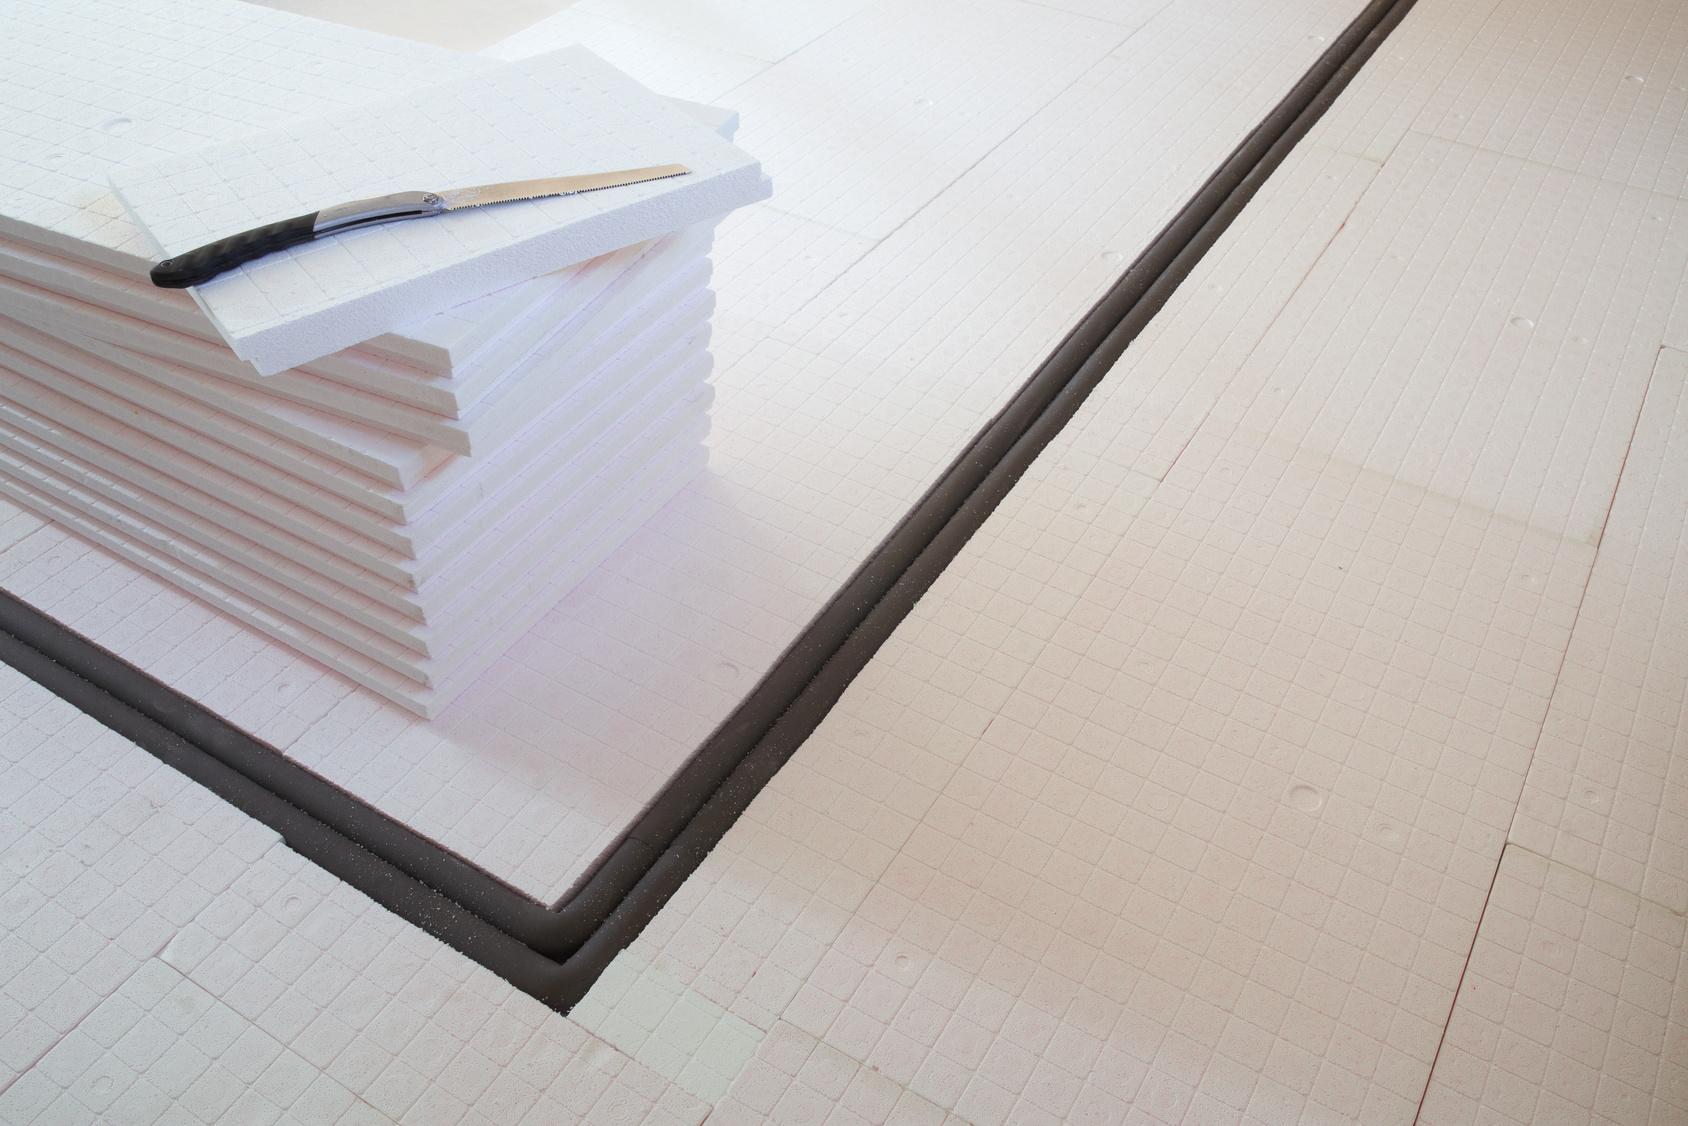 Fußboden Dämmung Altbau ~ Fußbodendämmung fachgerecht dämmen und isolieren